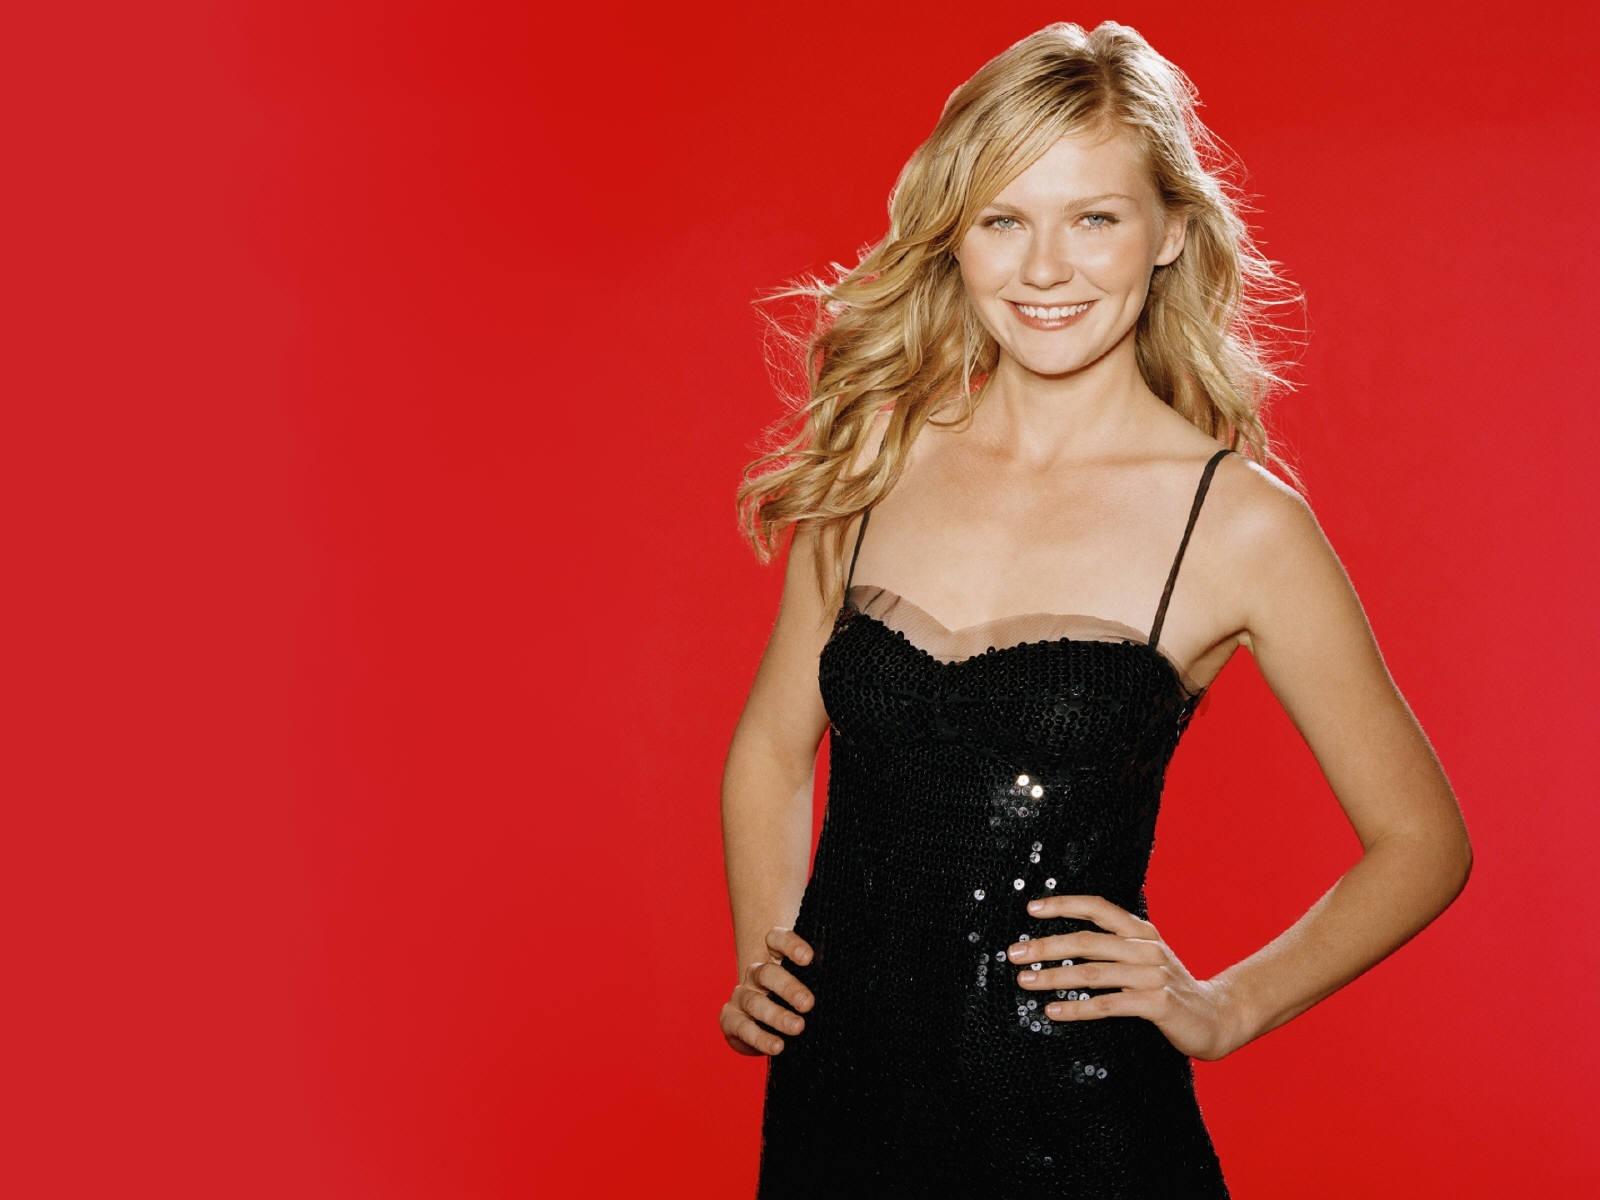 Wallpaper di Kirsten Dunst su sfondo rosso